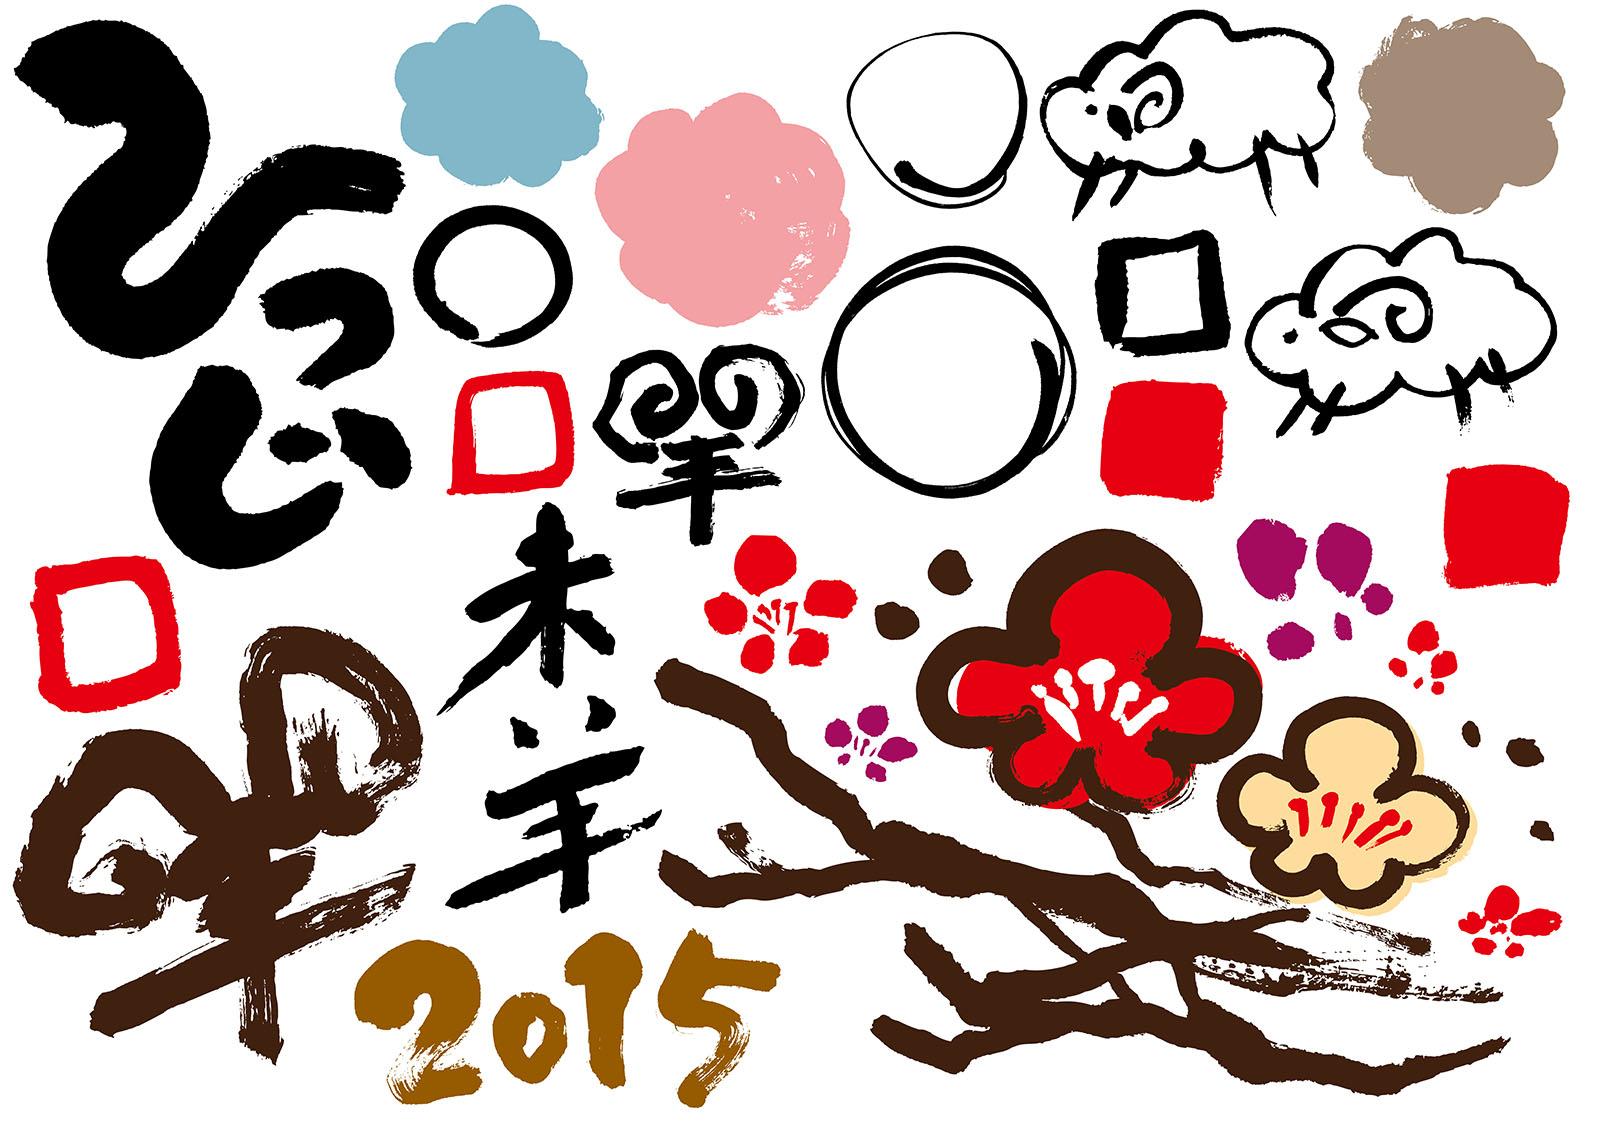 カレンダー 2015 カレンダー テンプレート ai : 5818 × 4112 pixels 2015年賀状無料 ...